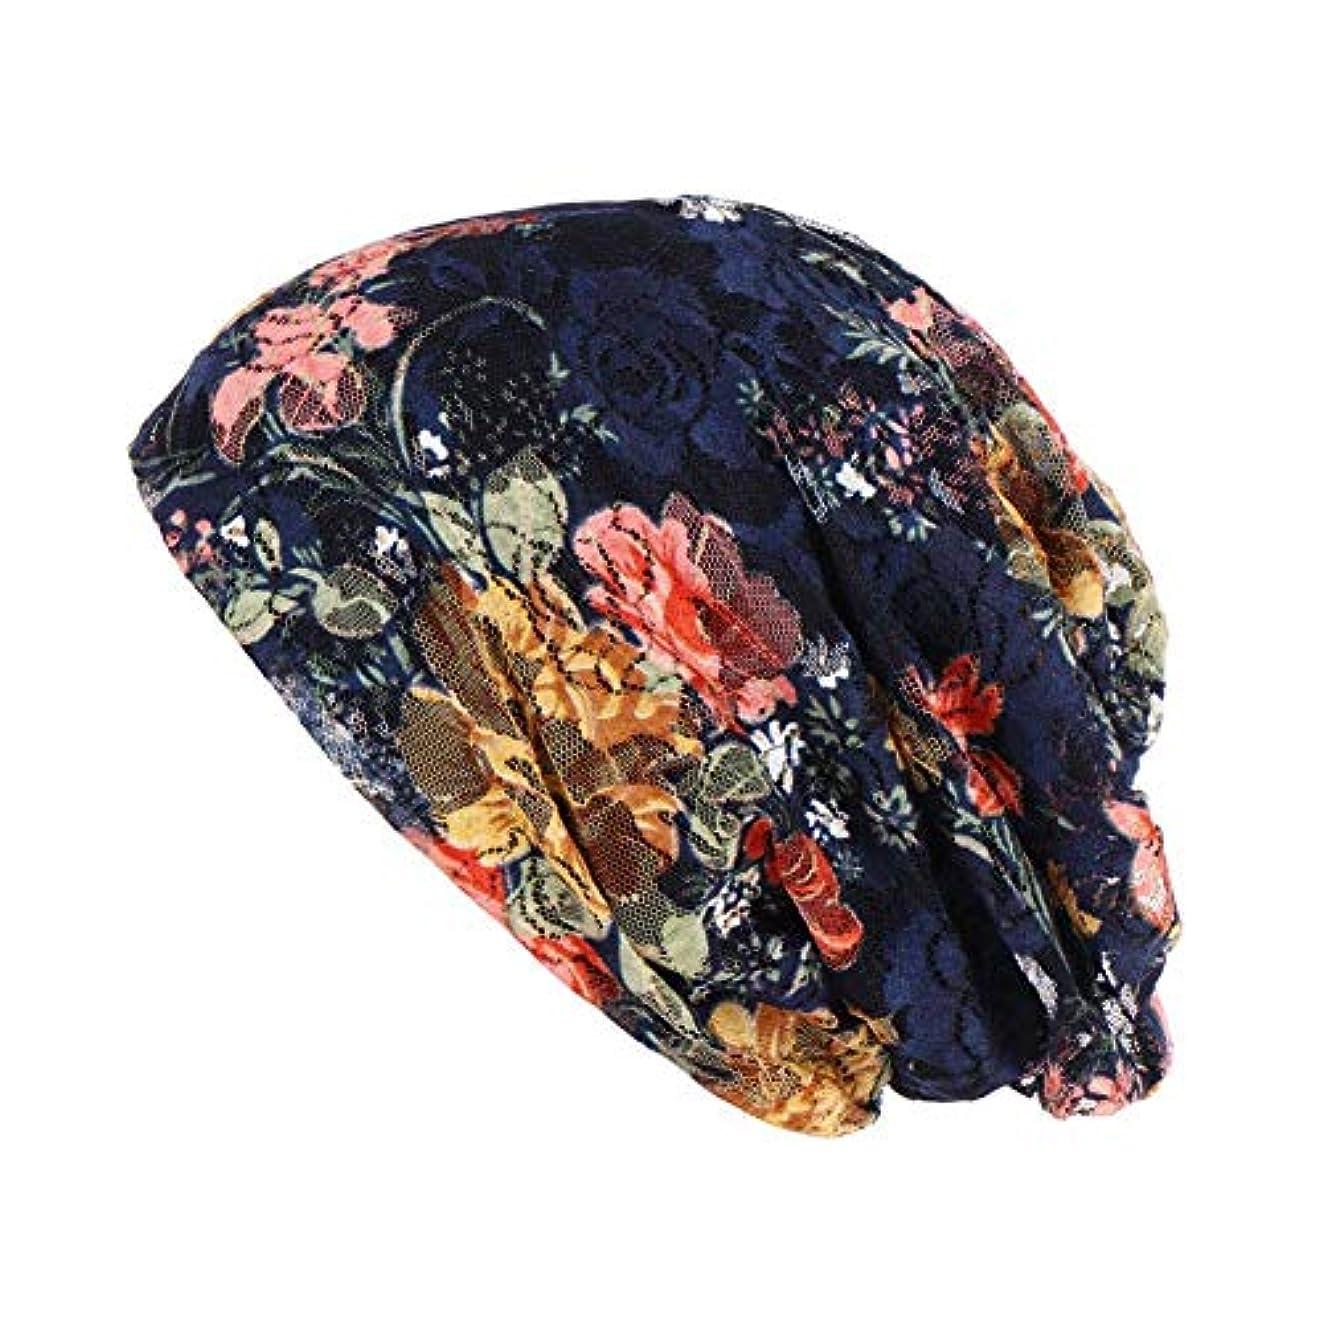 心理学施しログヘッドスカーフ レディース ビーニーハット レディース 柔らかい 多用途 頭飾り 軽量 通気性 眠り、化学療法 、 キャンサーと脱毛症